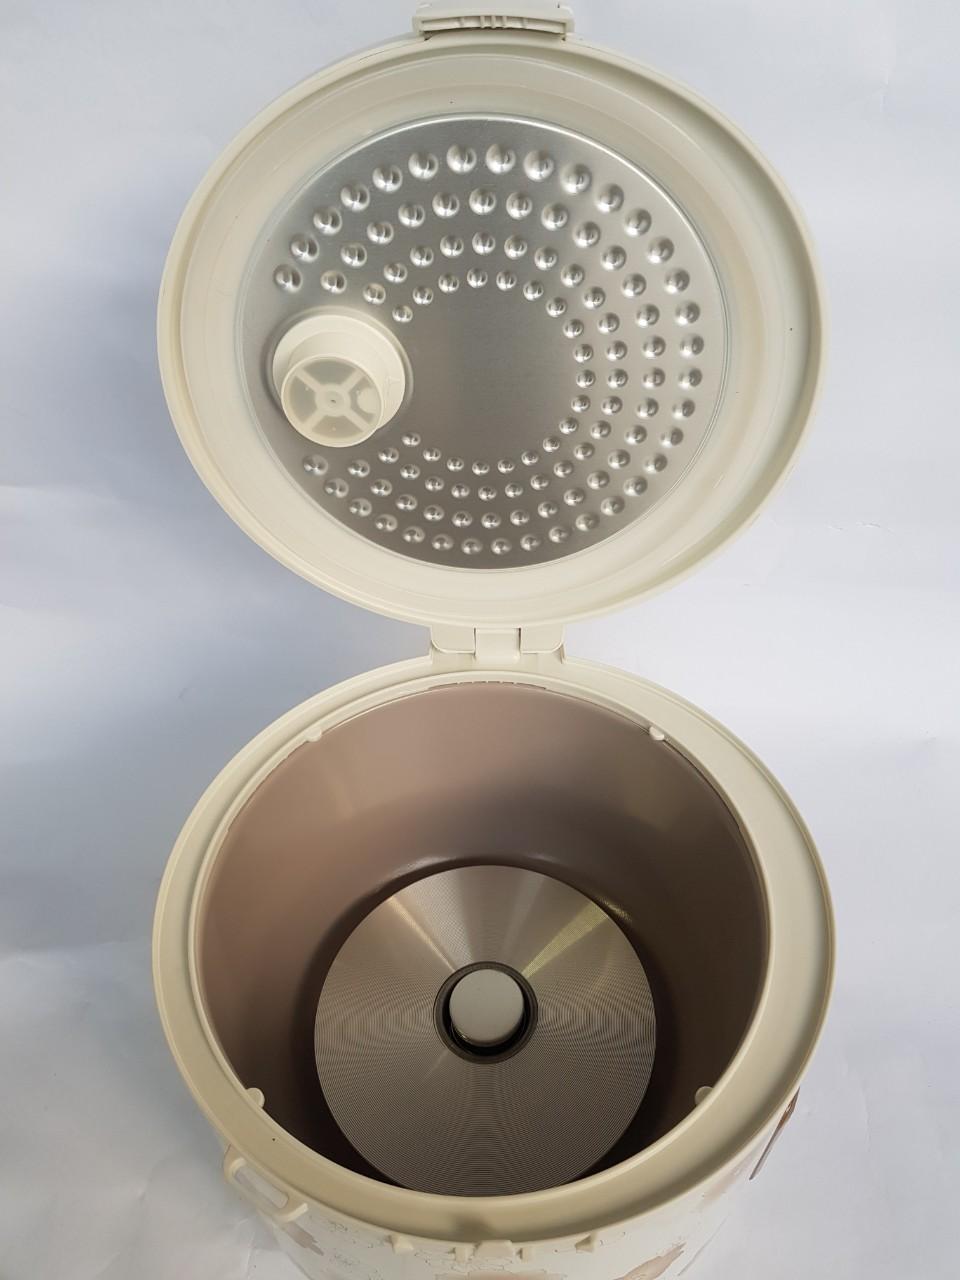 Nồi Cơm Điện Lorente LT-8687, 1.8L , 700W, Lòng chống dính - Hàng Chính Hãng